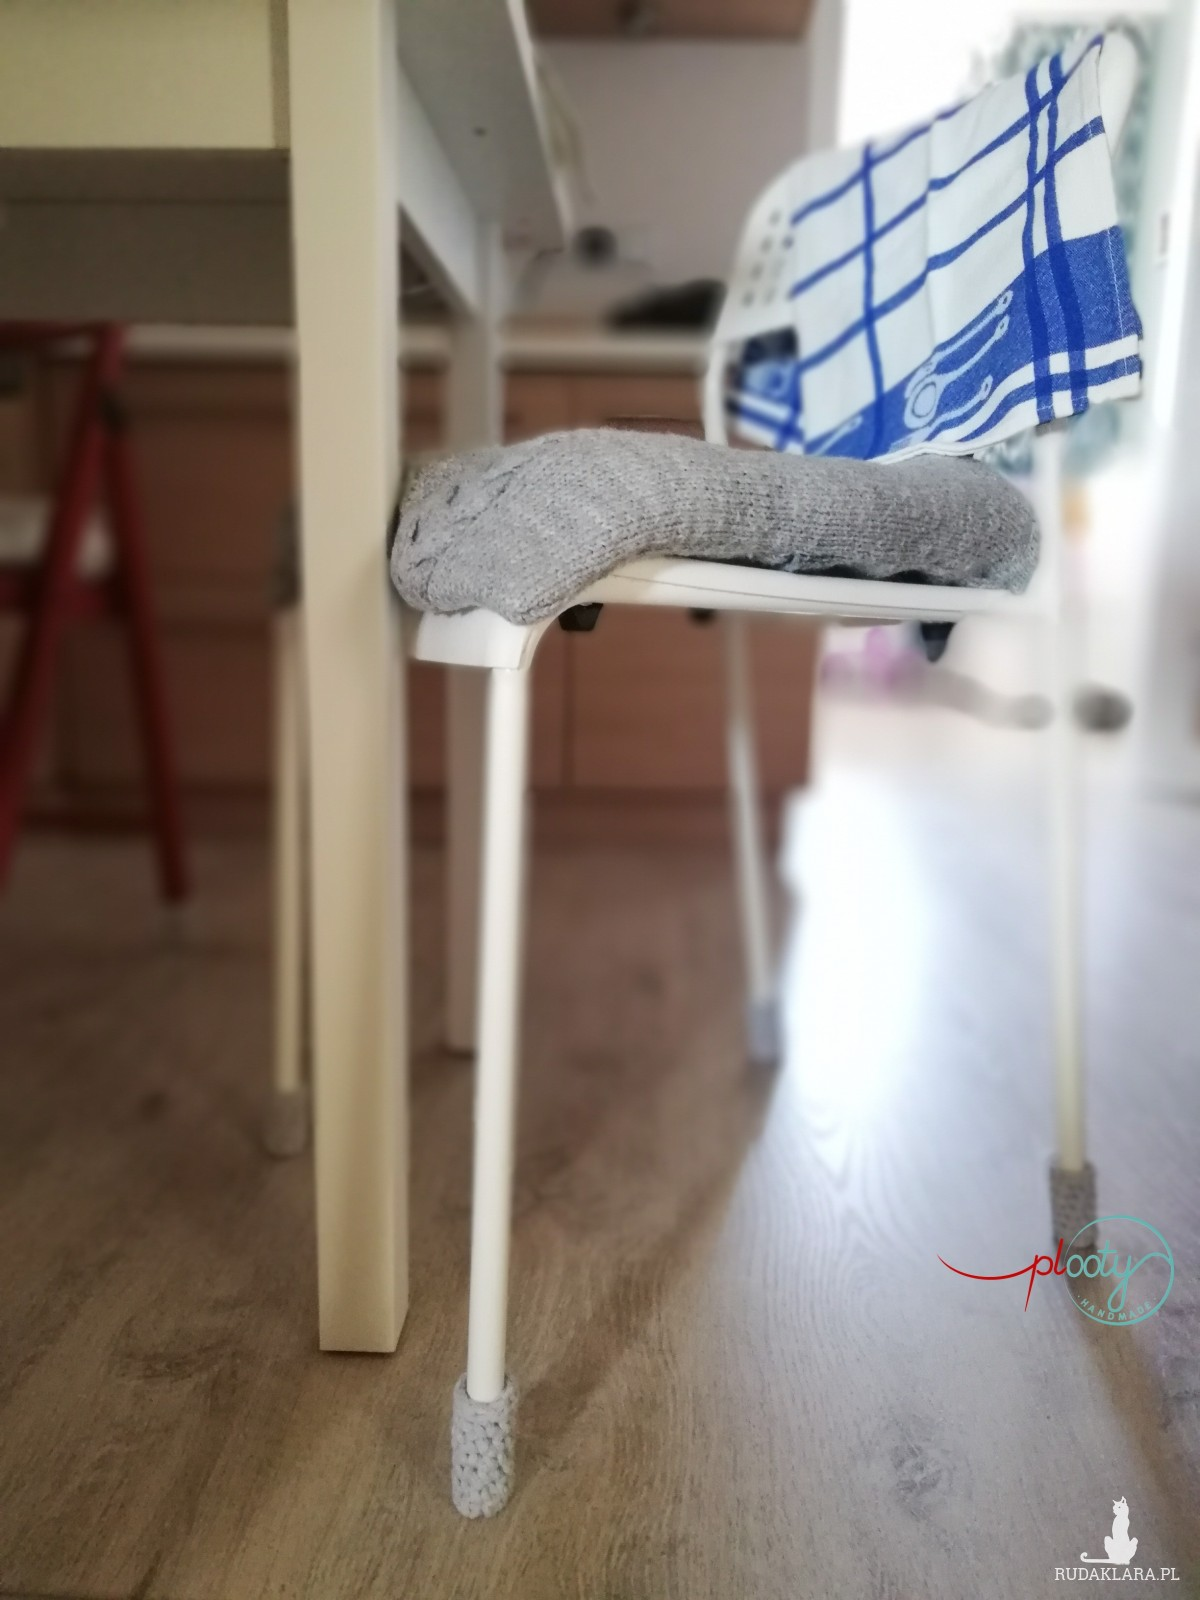 Podkładki pod krzesła, skarpety na nogi krzeseł